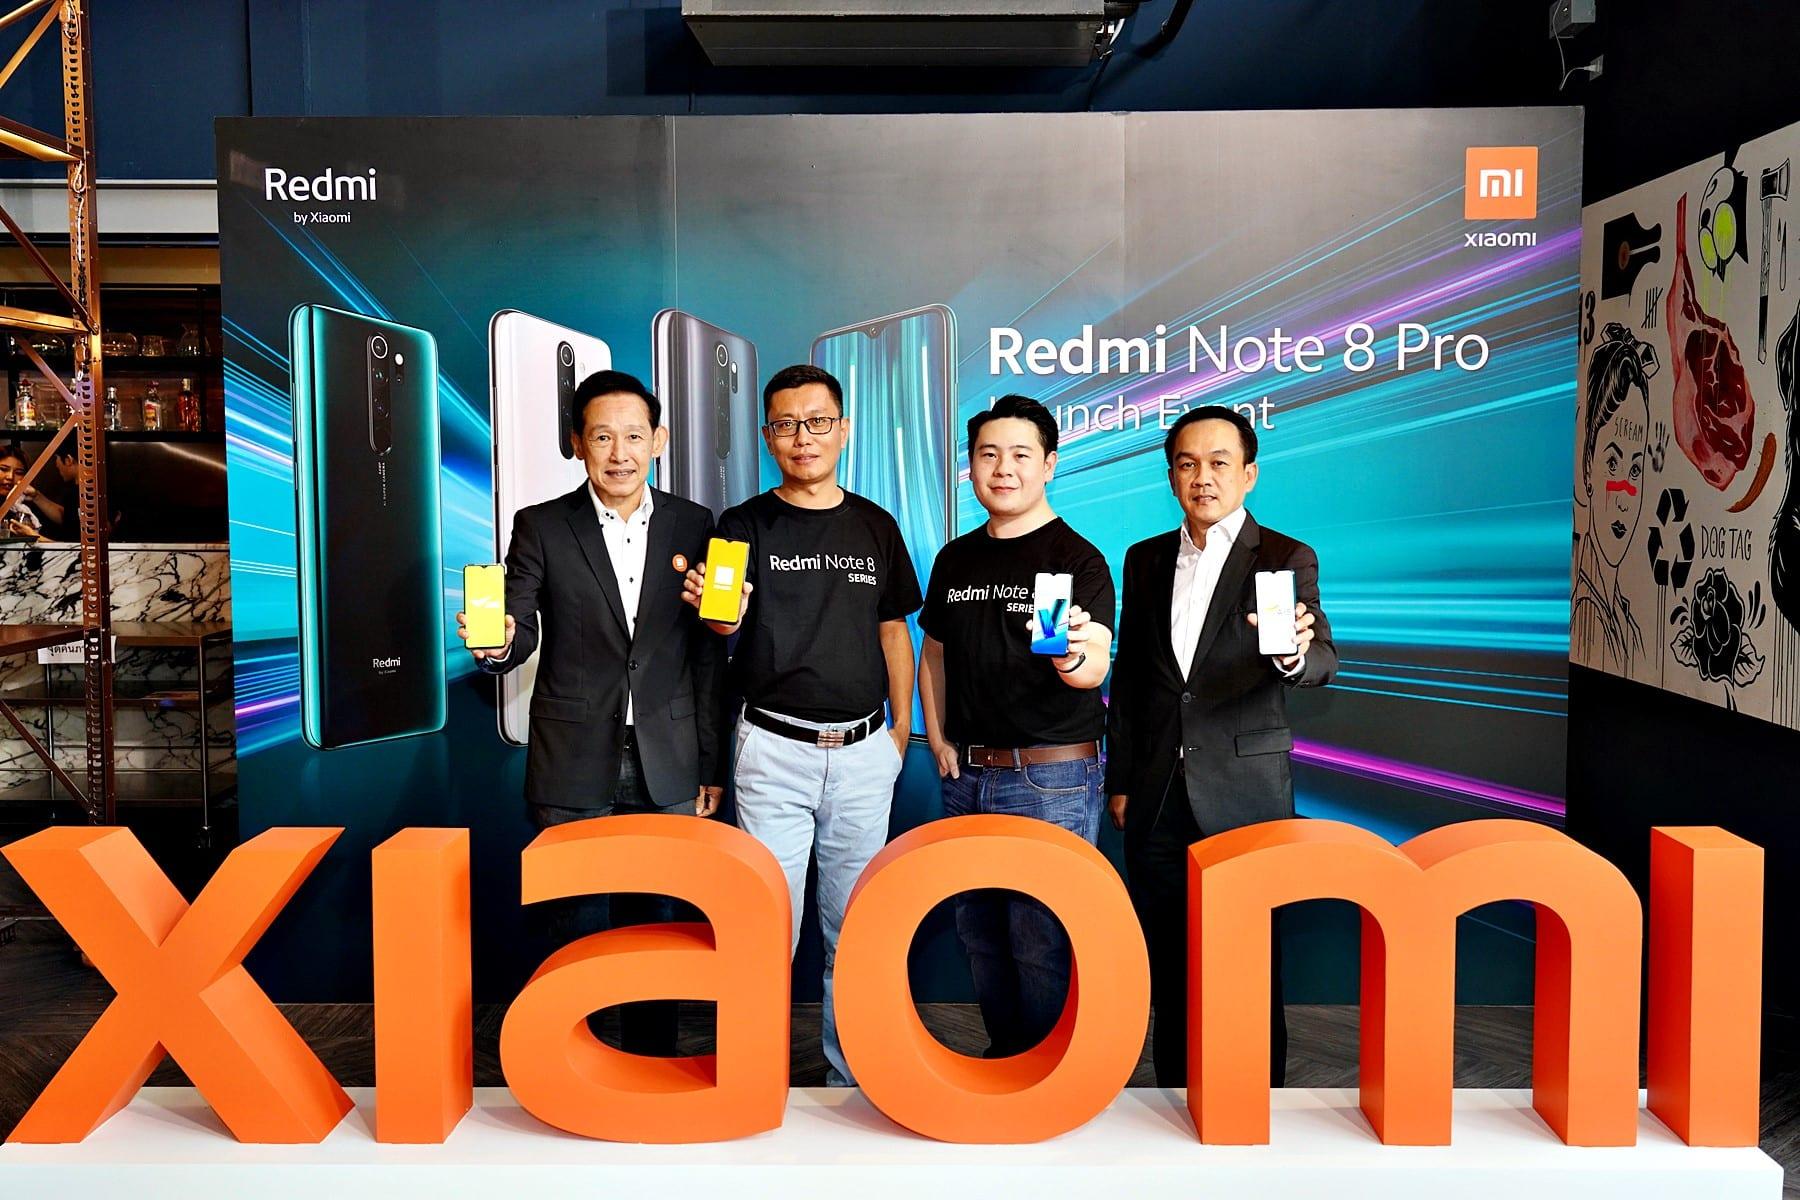 redmi note 8 03 - Redmi Note 8 Pro สมาร์ทโฟนระดับกลางและอุปกรณ์อัจฉริยะ กล้อง 64 ล้าน